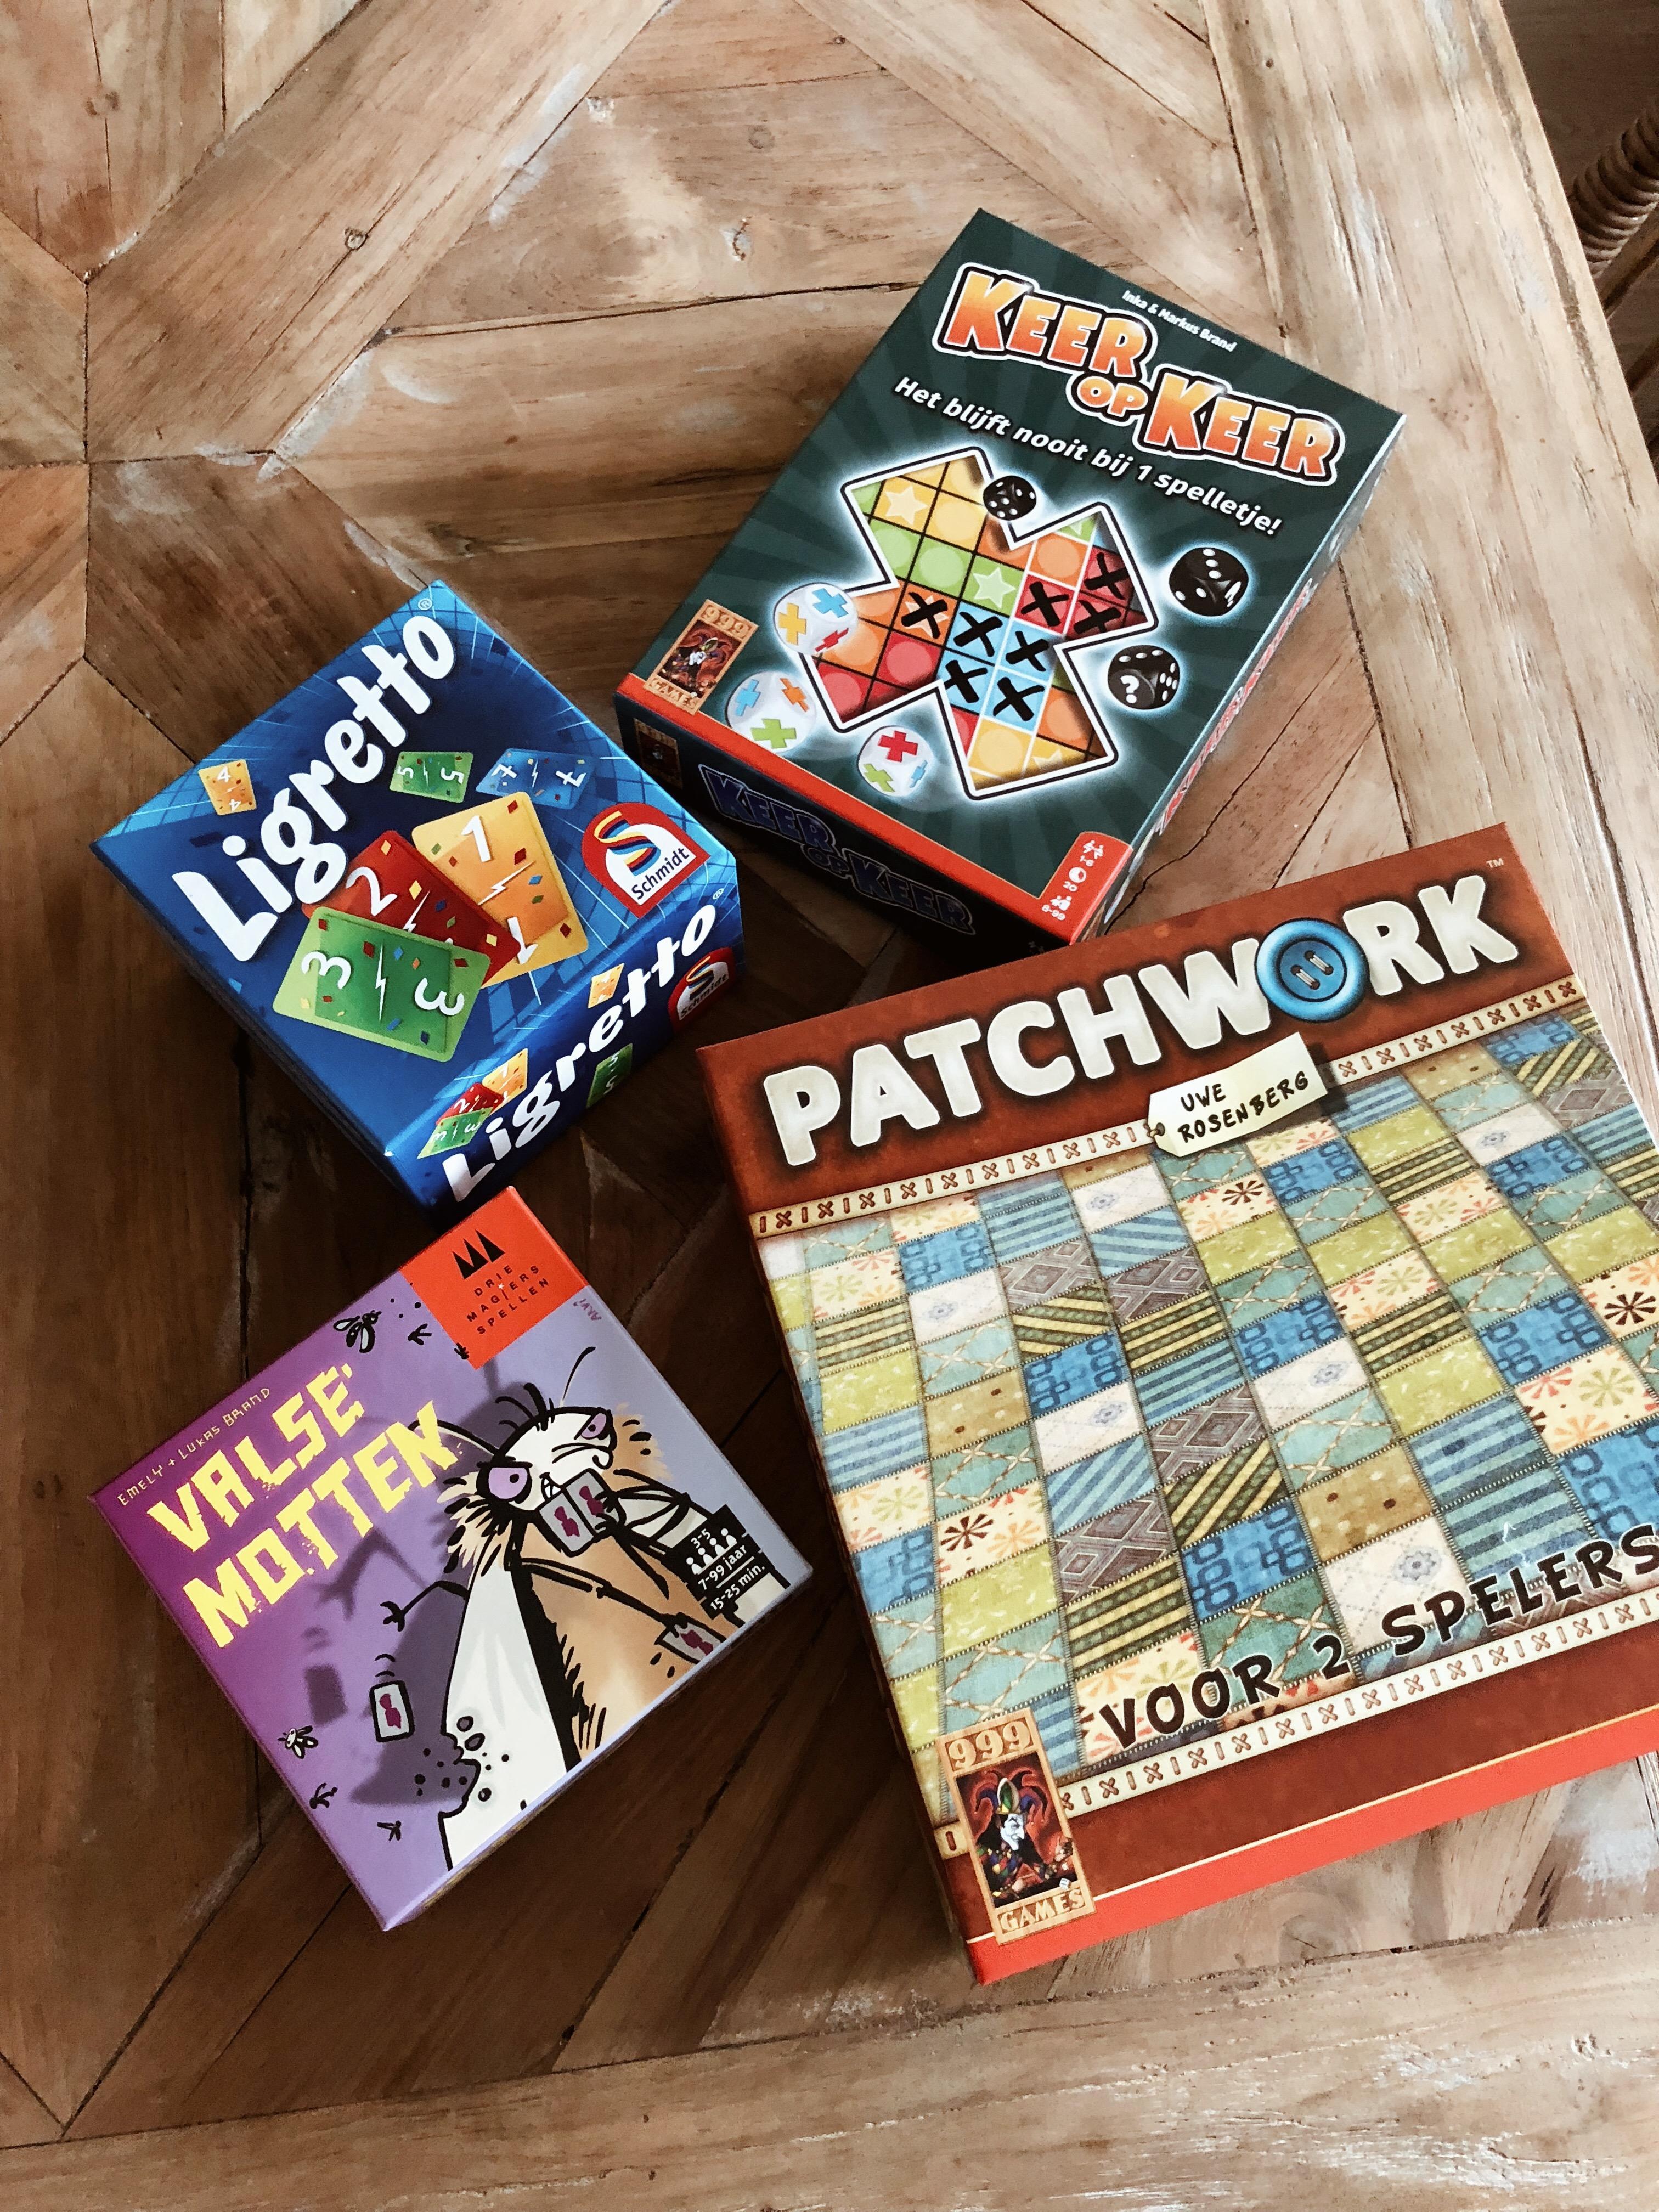 xmariekie, blog, blogger, spellen, spel, spelletjes, games, 999games, 999 games, ligretto, valse motten, patchwork, keer op keer, de perfecte spellenavond, zus, familie, gezellig, gezelligheid